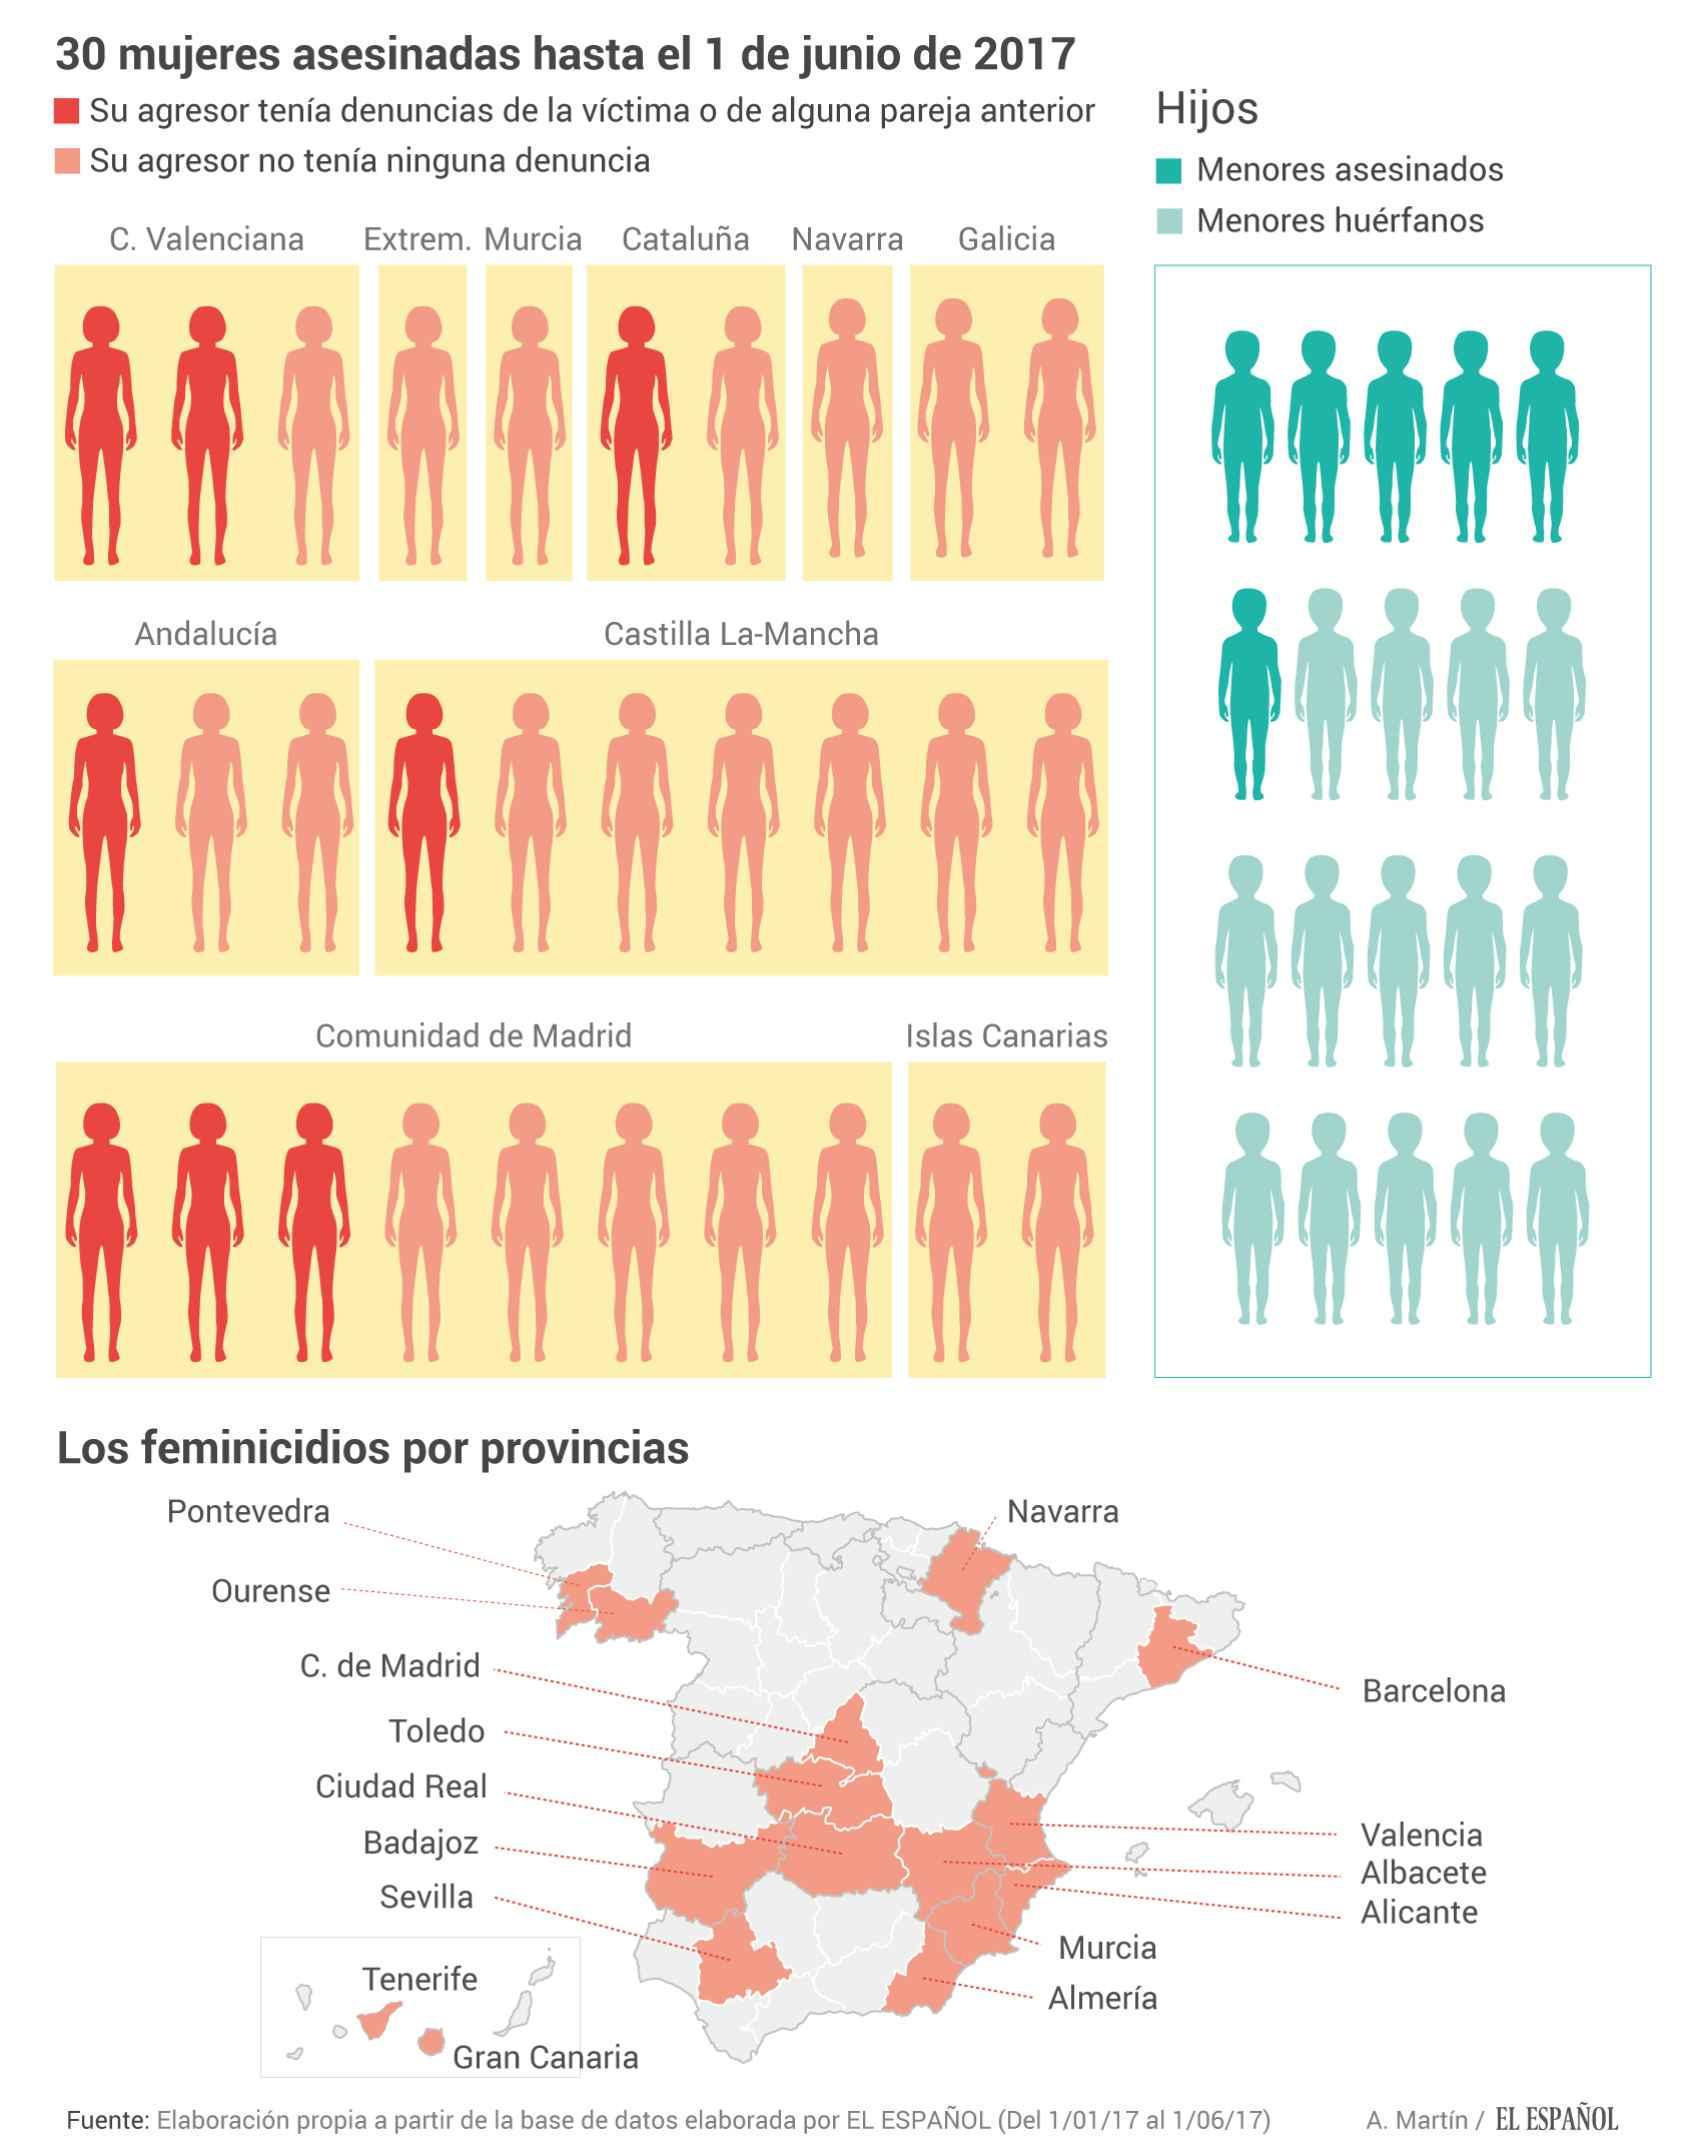 Radiografía de la violencia machista de enero a junio de 2017, en datos.